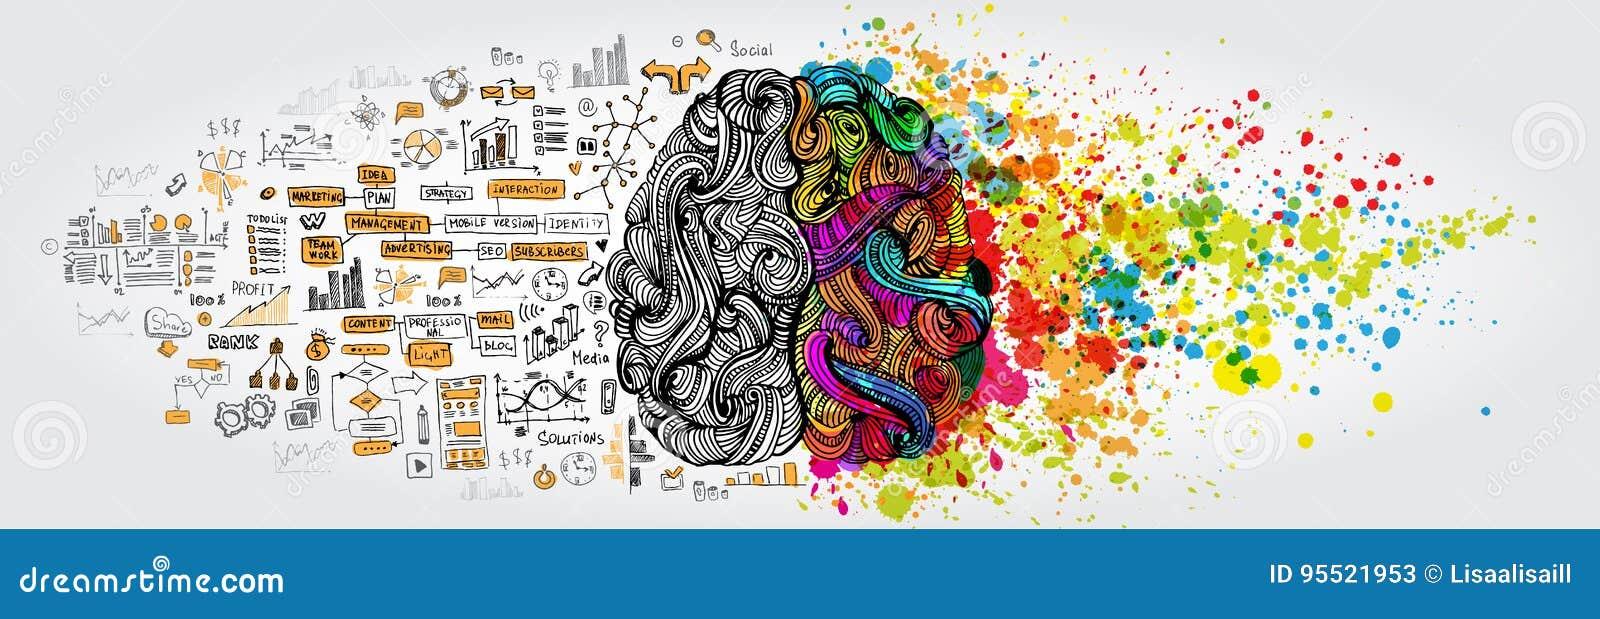 Από τα αριστερά προς τα δεξιά ανθρώπινη έννοια εγκεφάλου Δημιουργικό μέρος και μέρος λογικής με κοινωνικό και την επιχείρηση dood